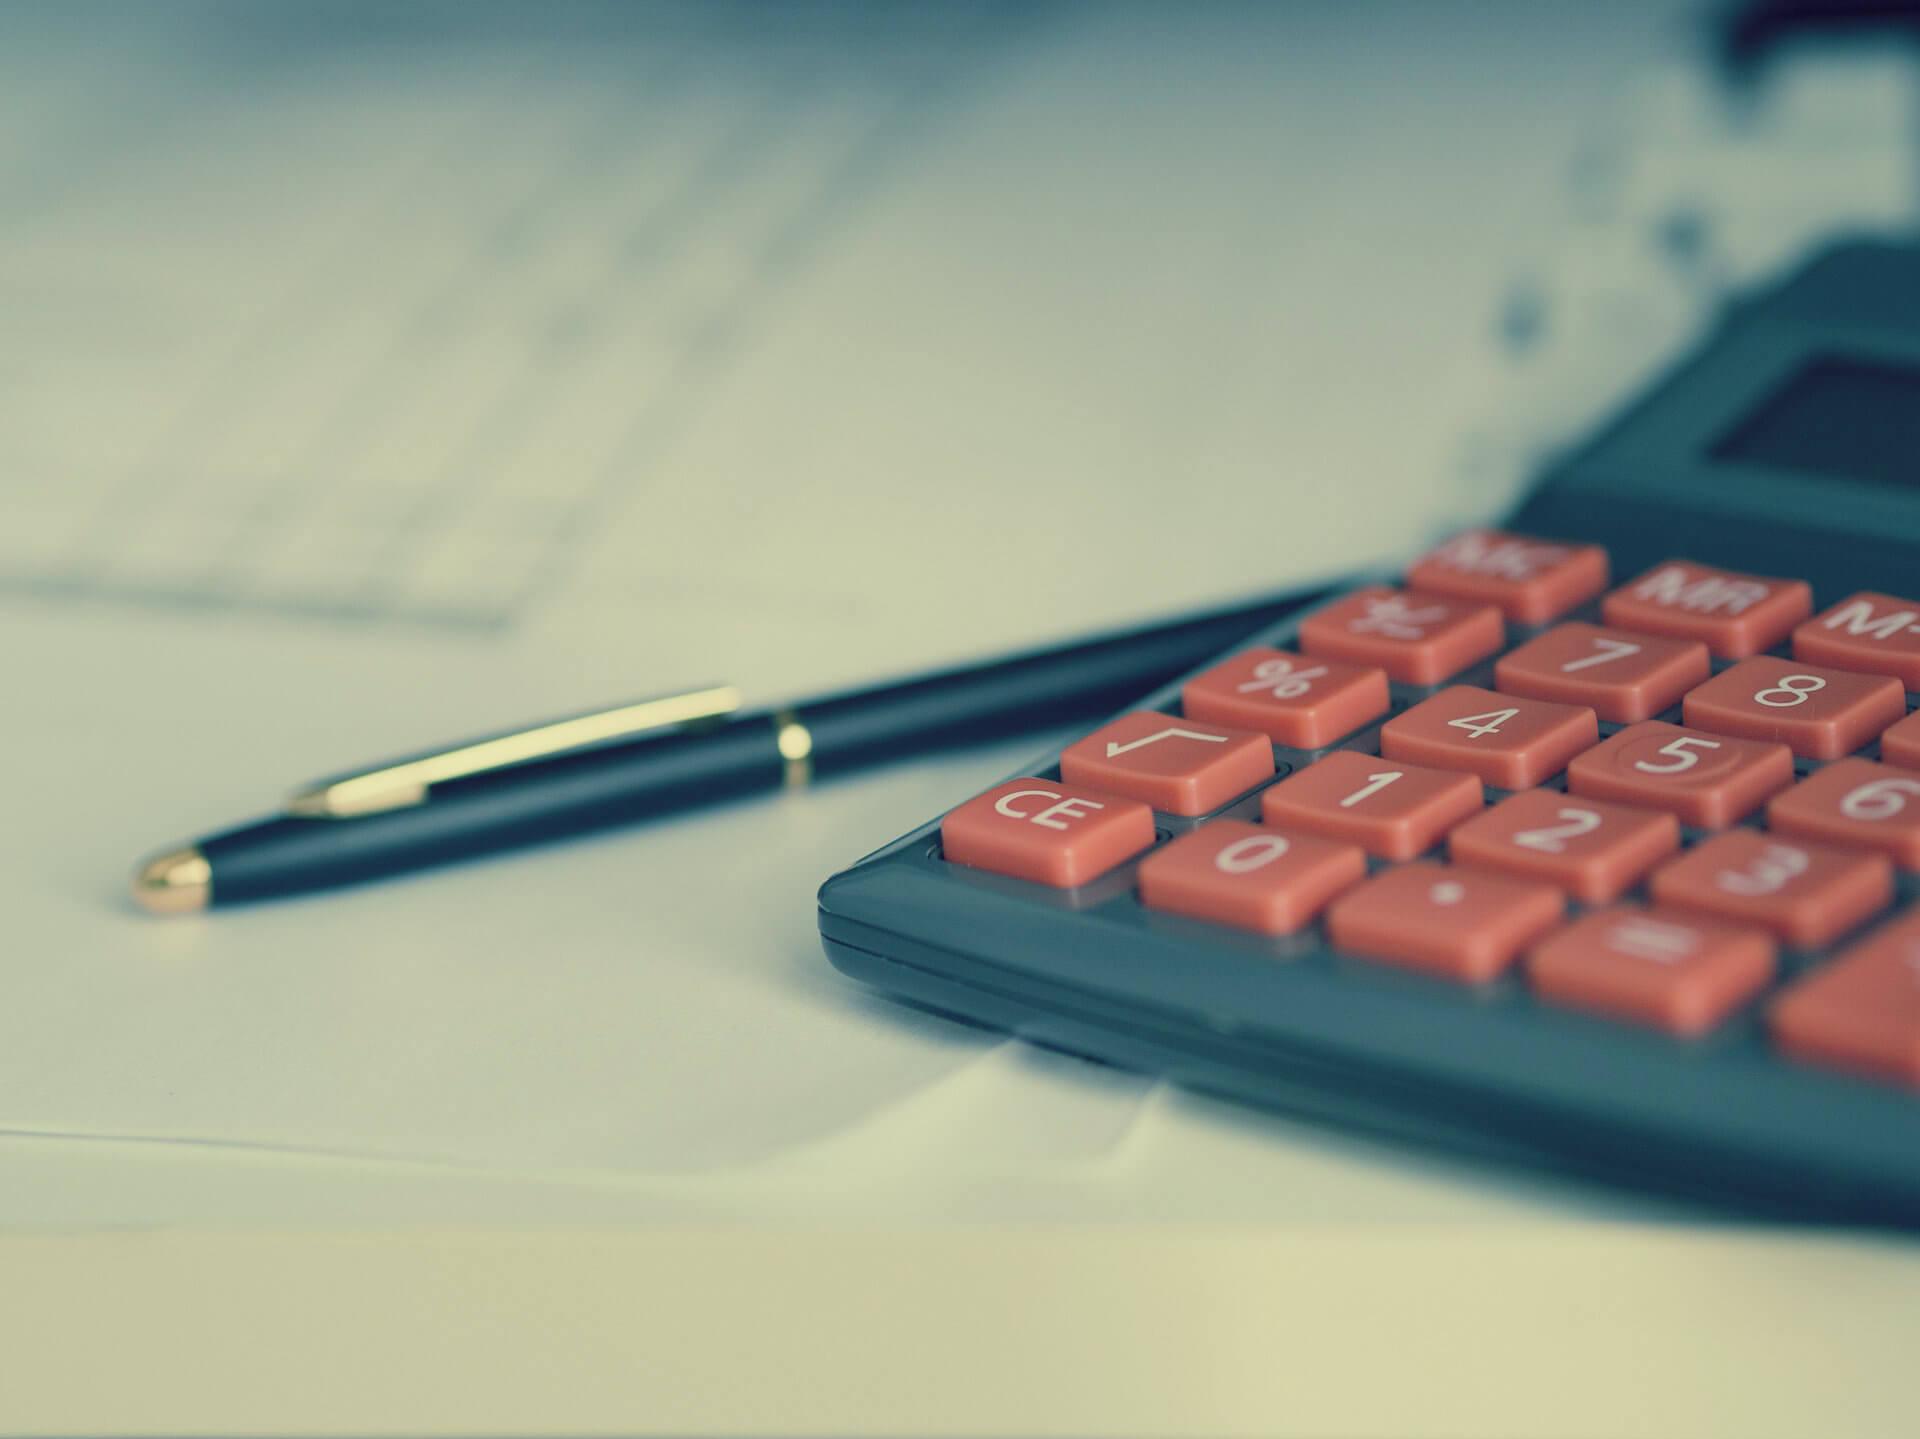 出産手当金の計算方法が4月から変わって・・・支給額は減る?